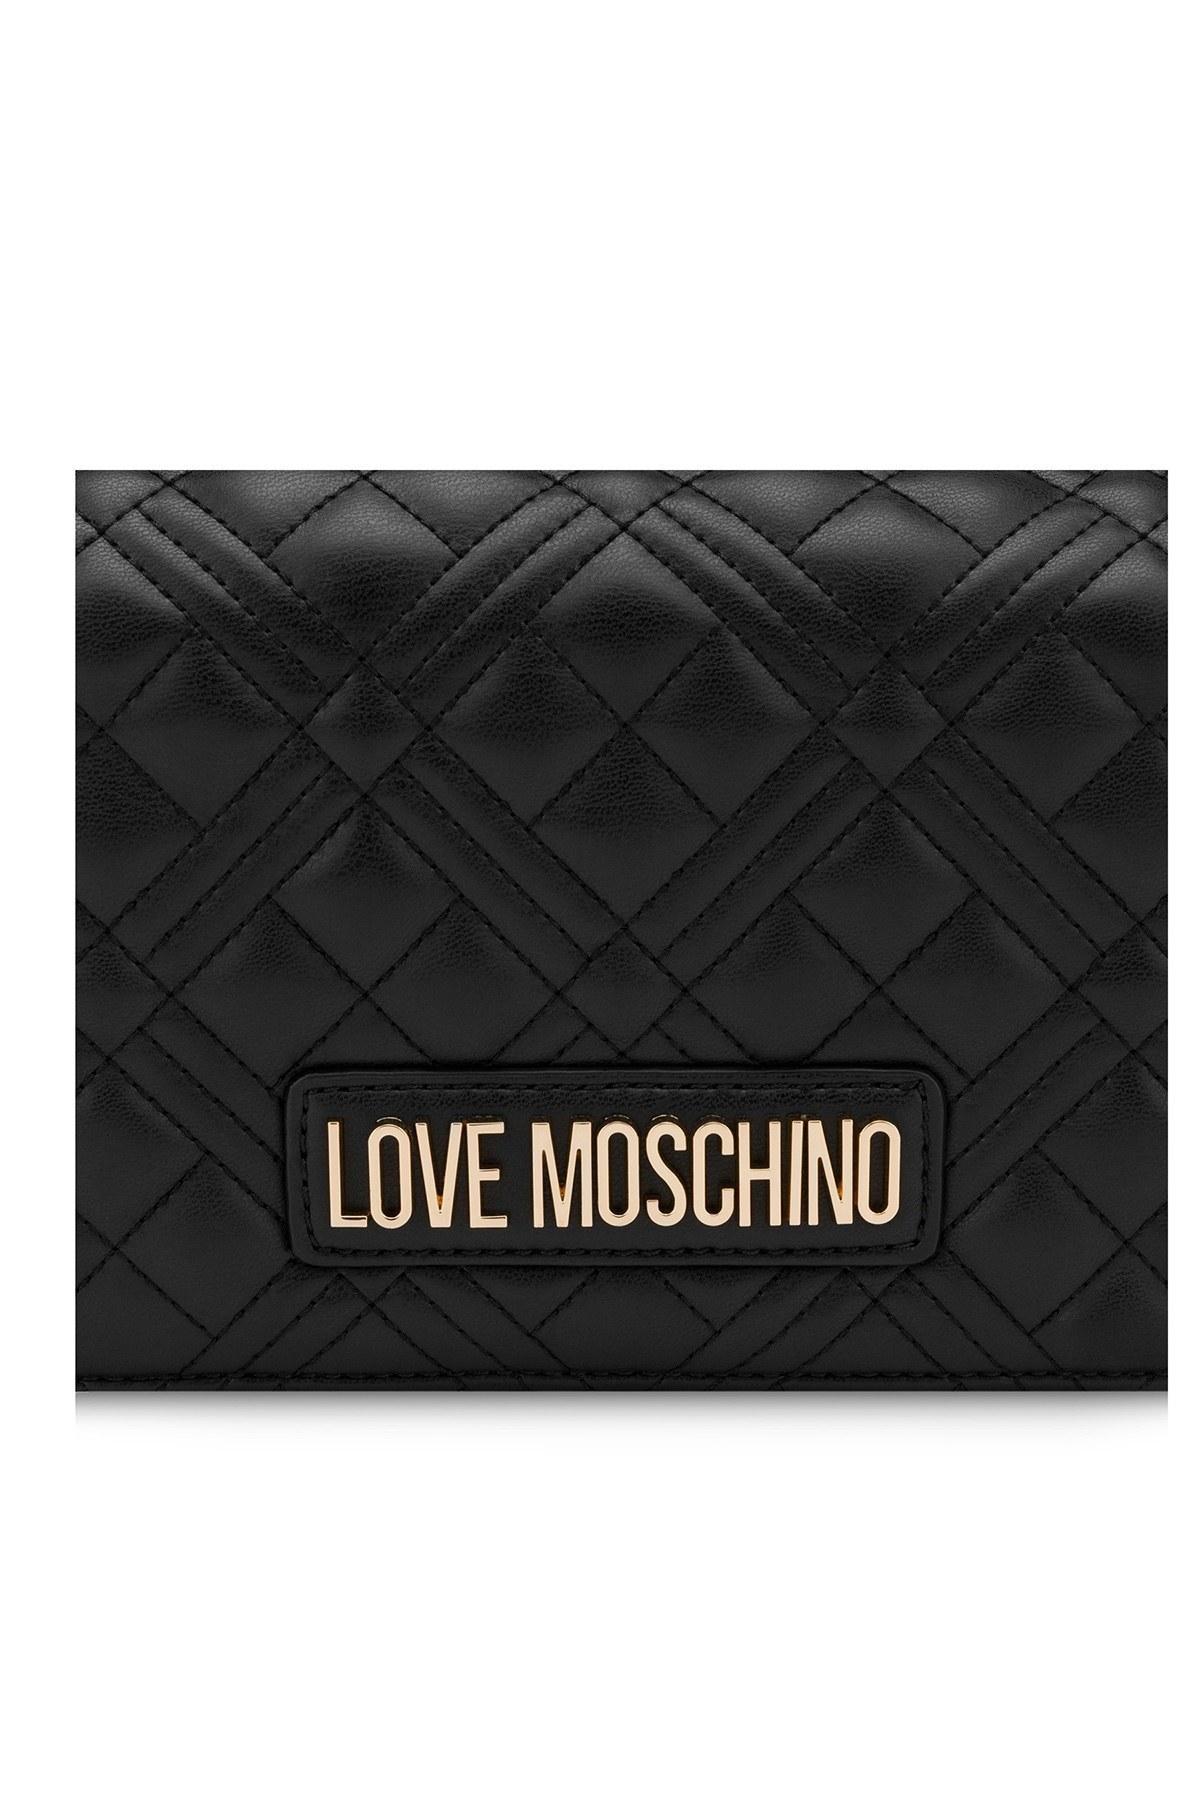 Love Moschino Marka Logolu Kapitoneli Zincir Askılı Omuz Kadın Çanta JC4079PP1CLA2000 SİYAH